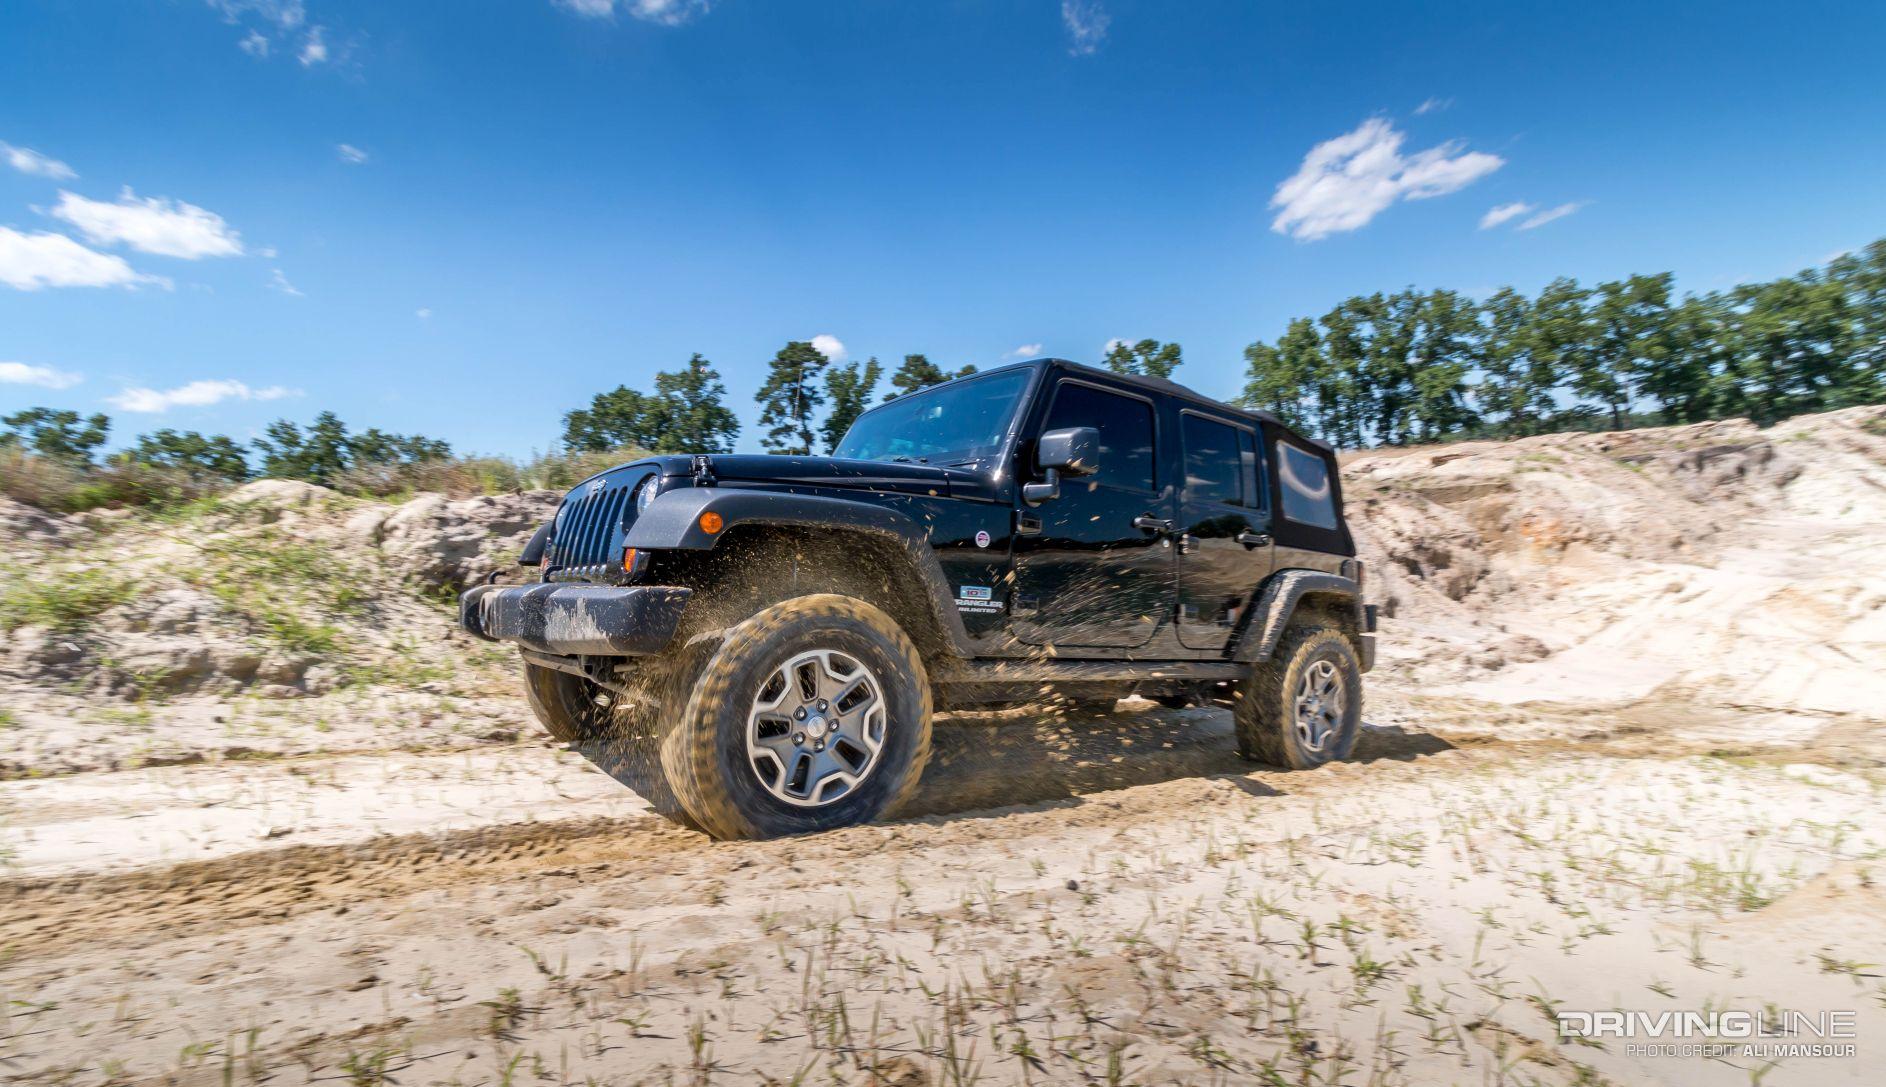 hight resolution of jk tire